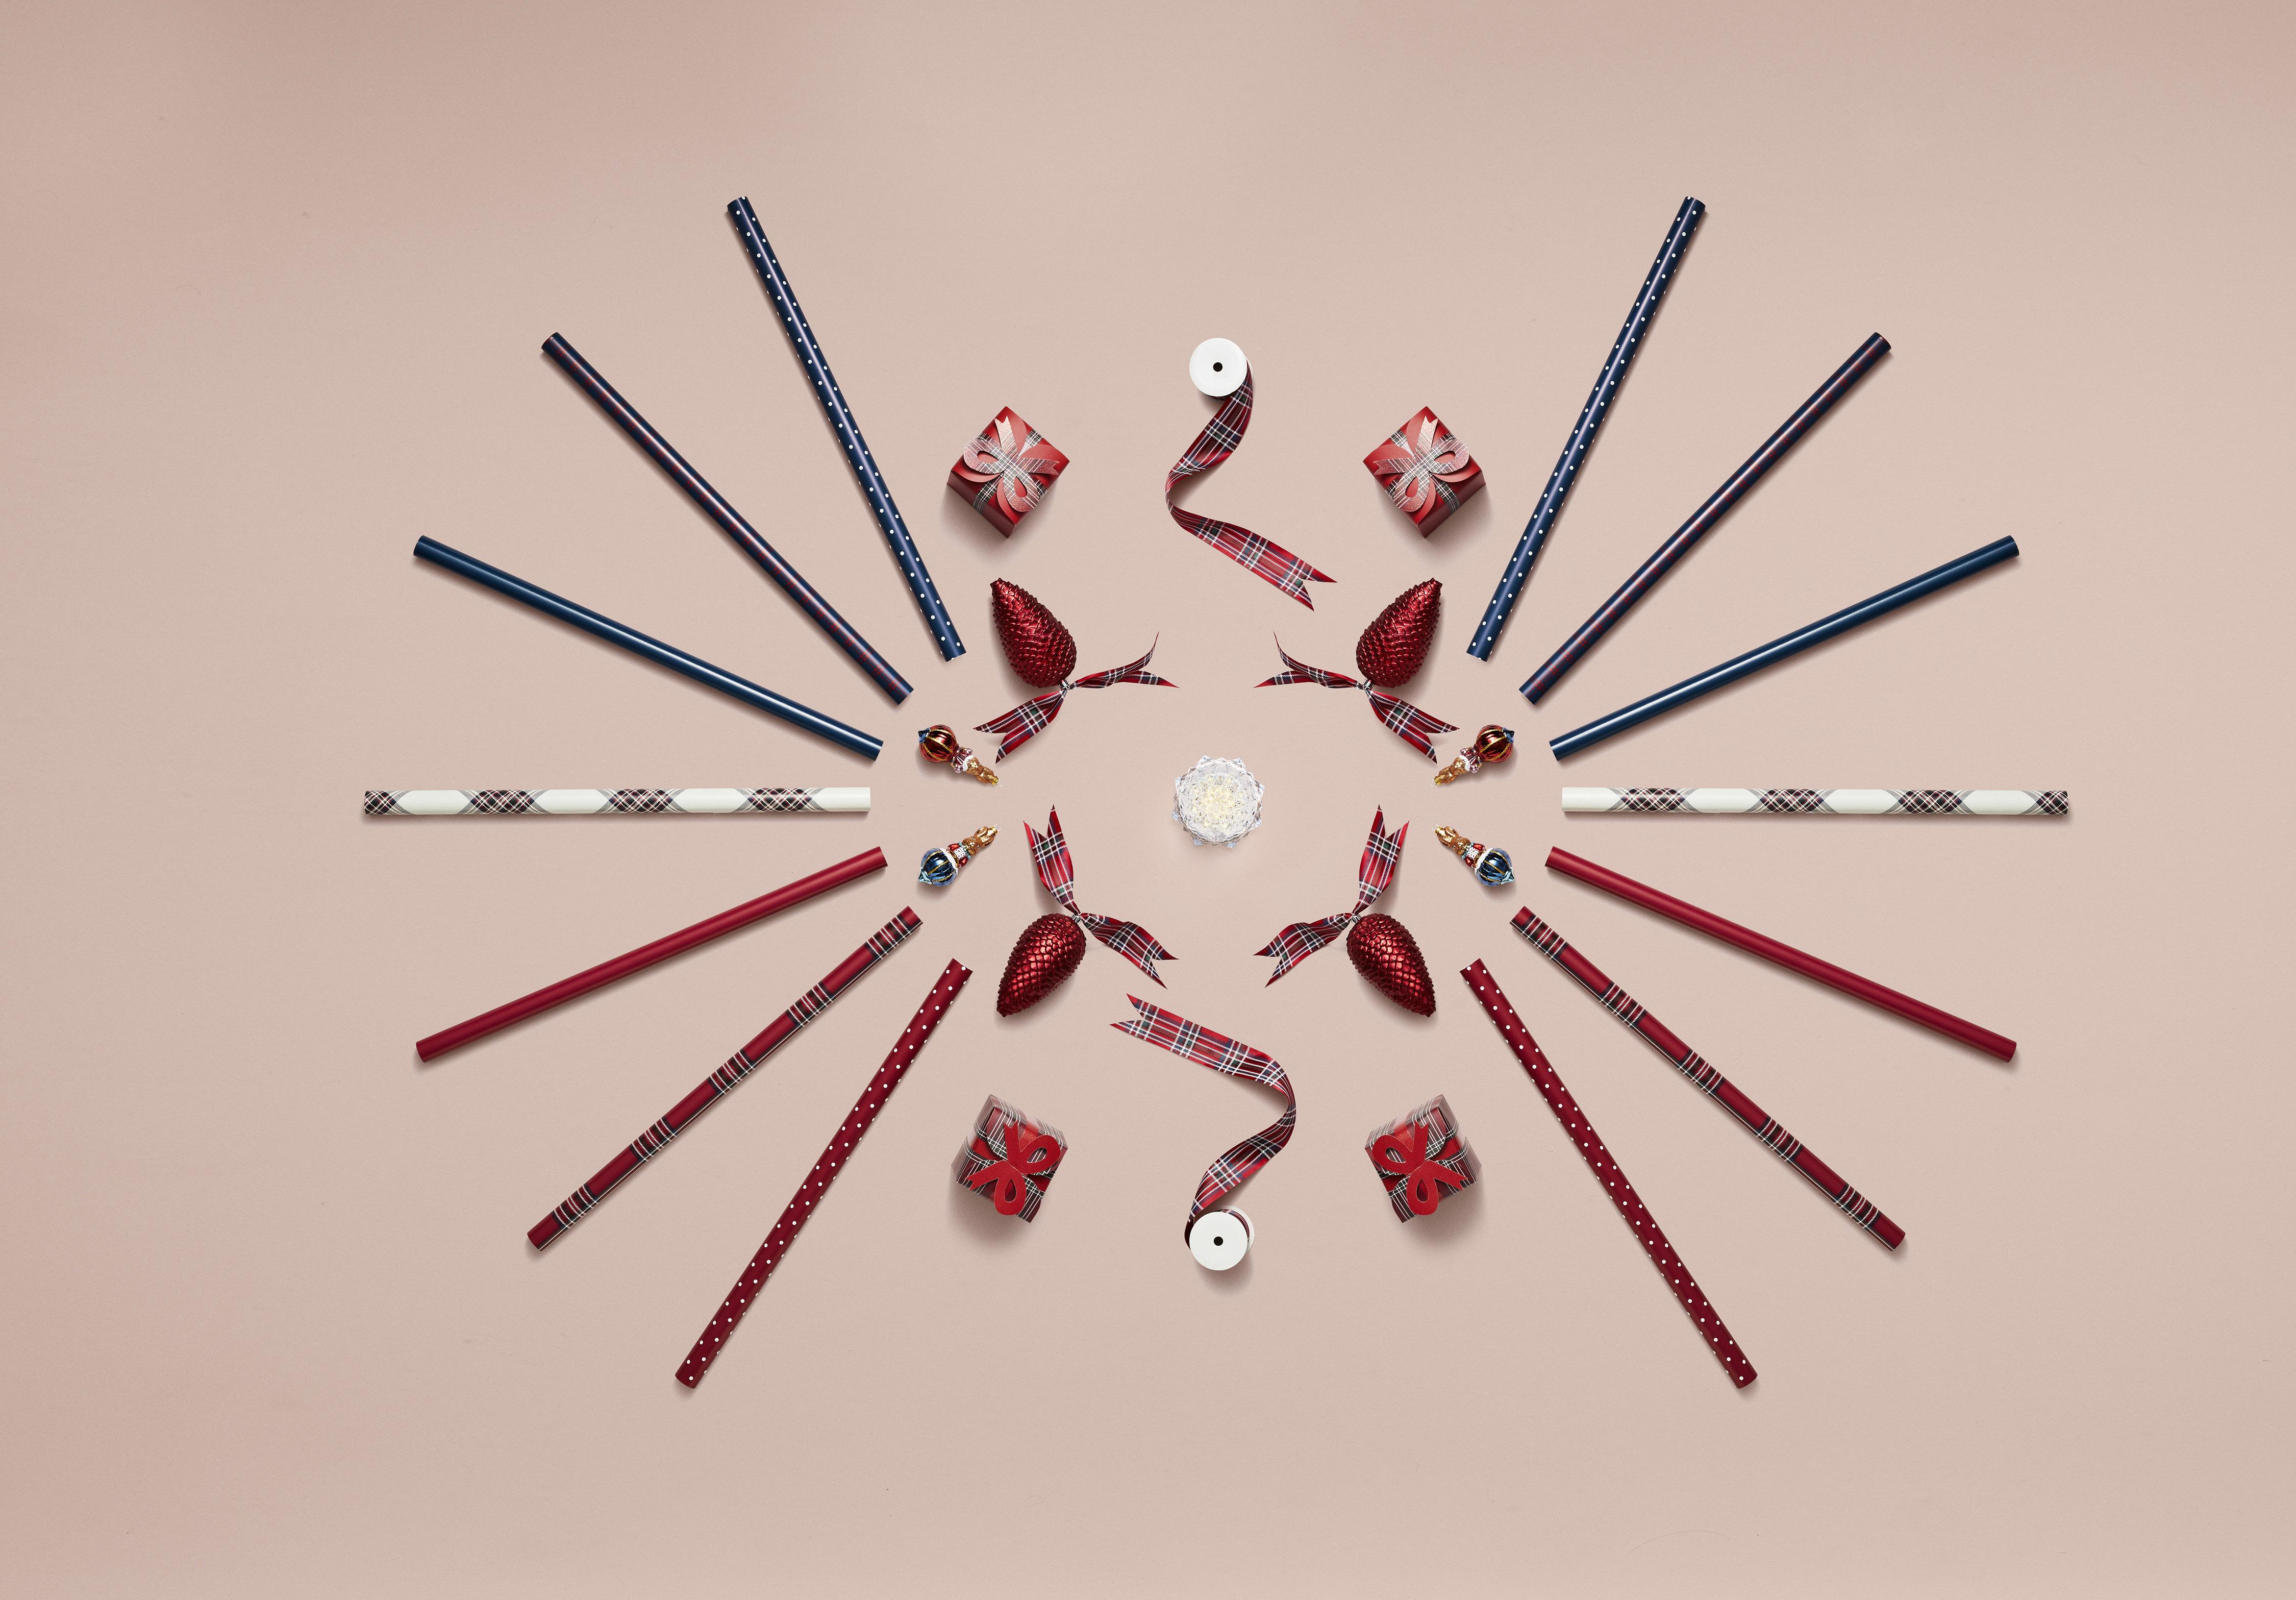 Rode Kussens Ikea : Ikea kerstcollectie 2018: donker magisch & mysterieus